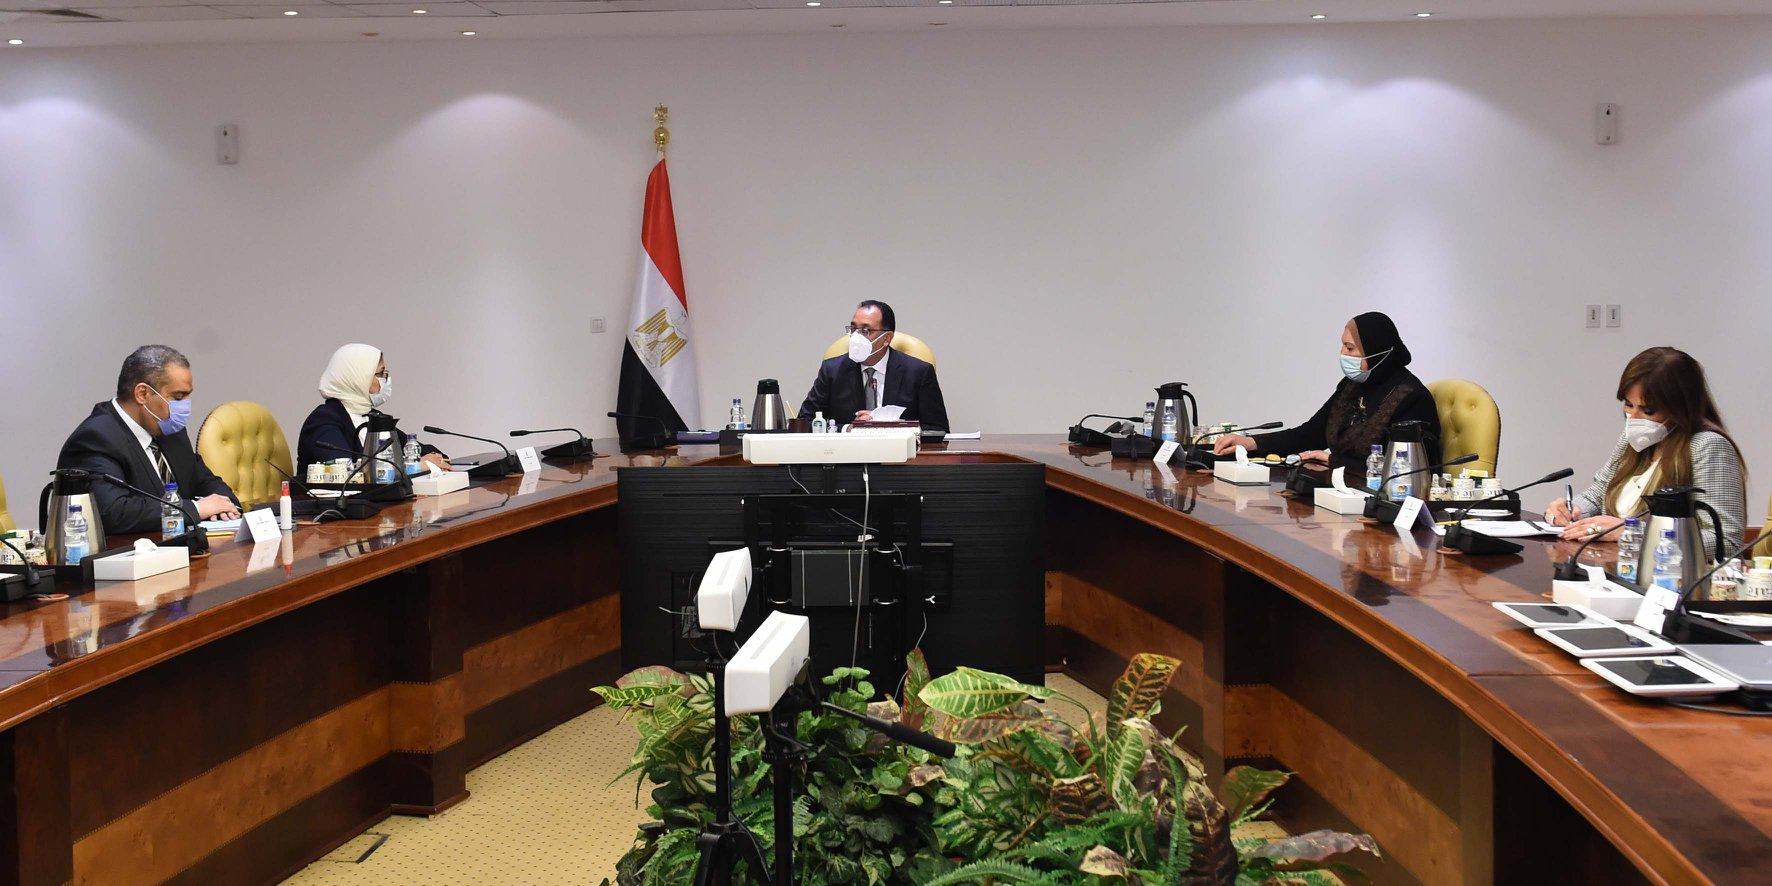 صور| رئيس الوزراء يعقد اجتماعاً لدعم صناعة الدواء وتشجيع التصدير